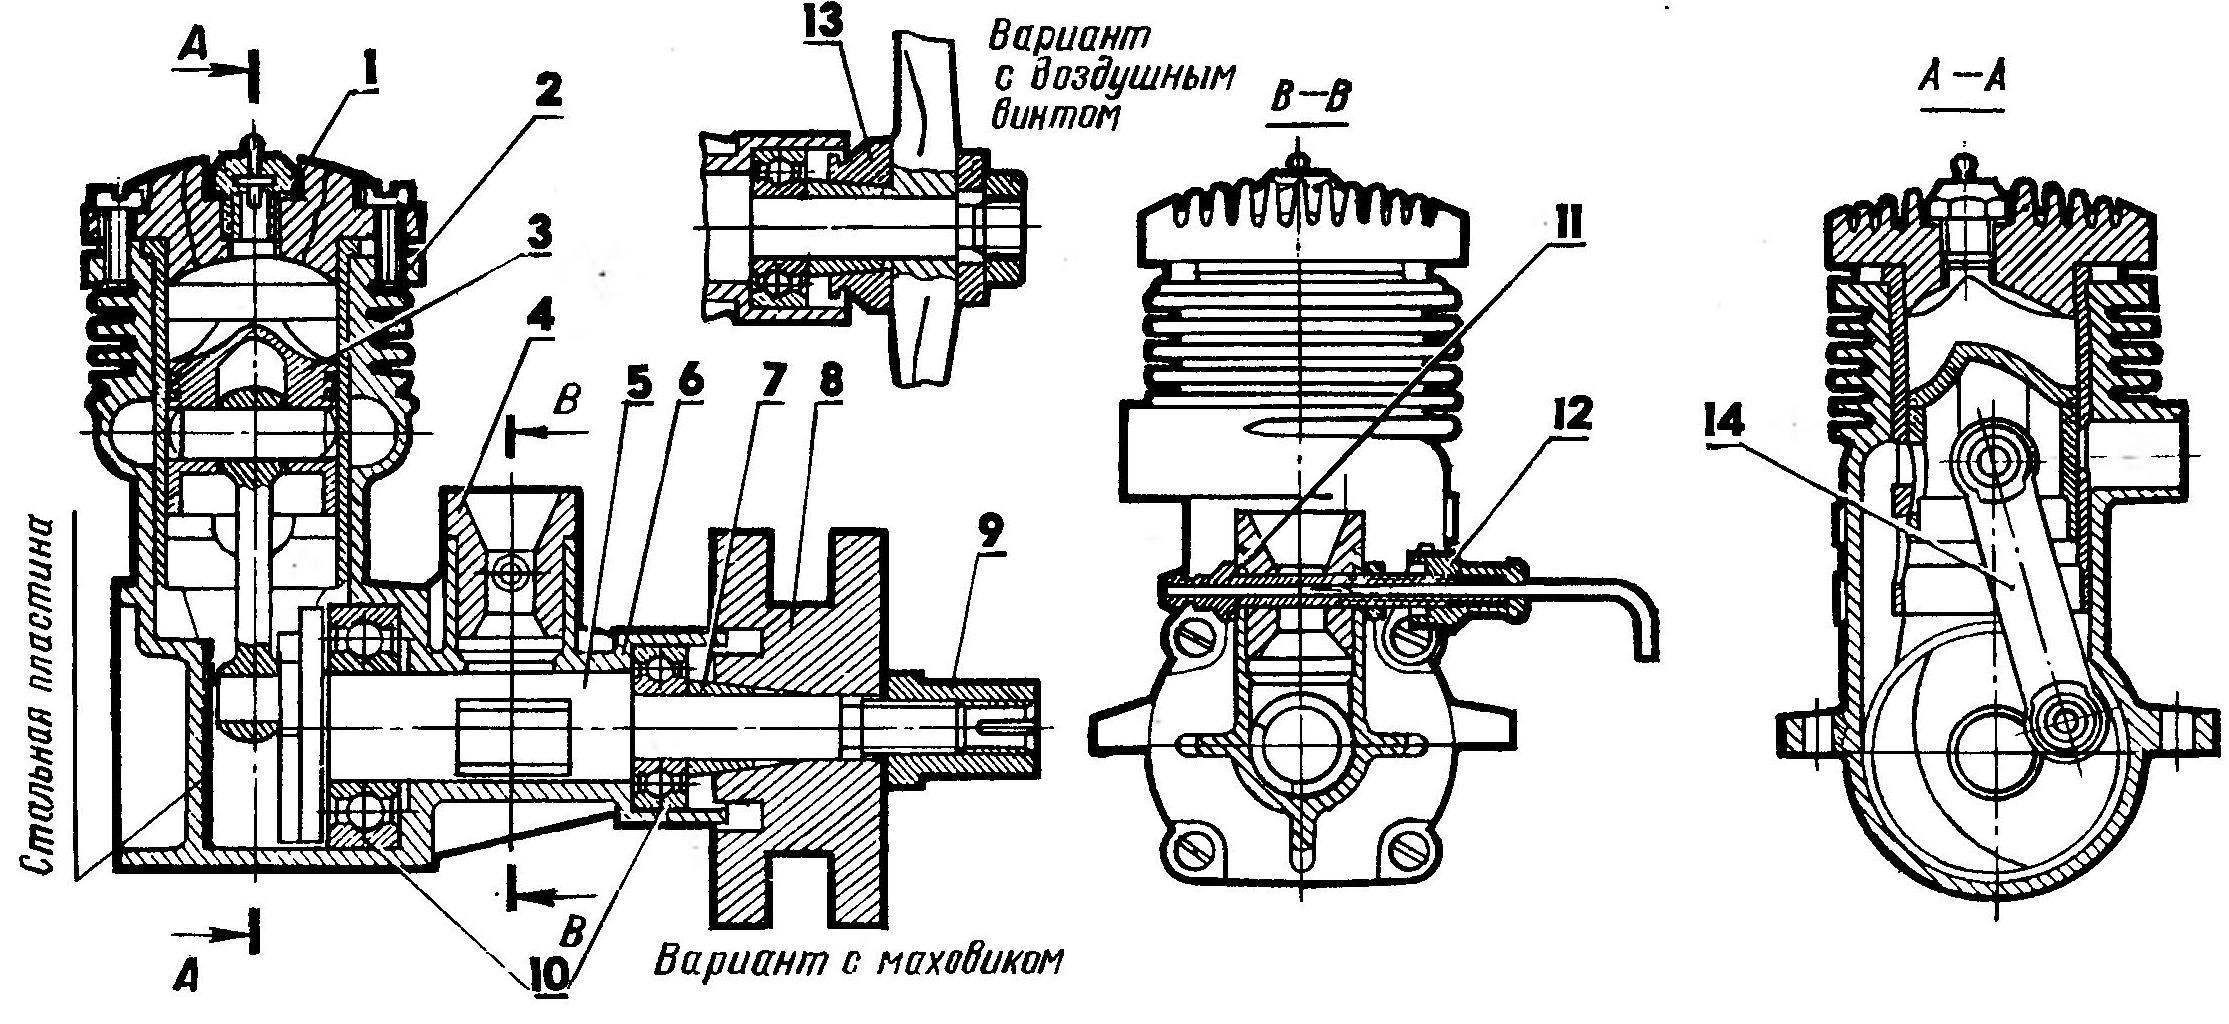 Рис. 1. Калильный микродвигатель рабочим объемом 5 см3 «Комета»